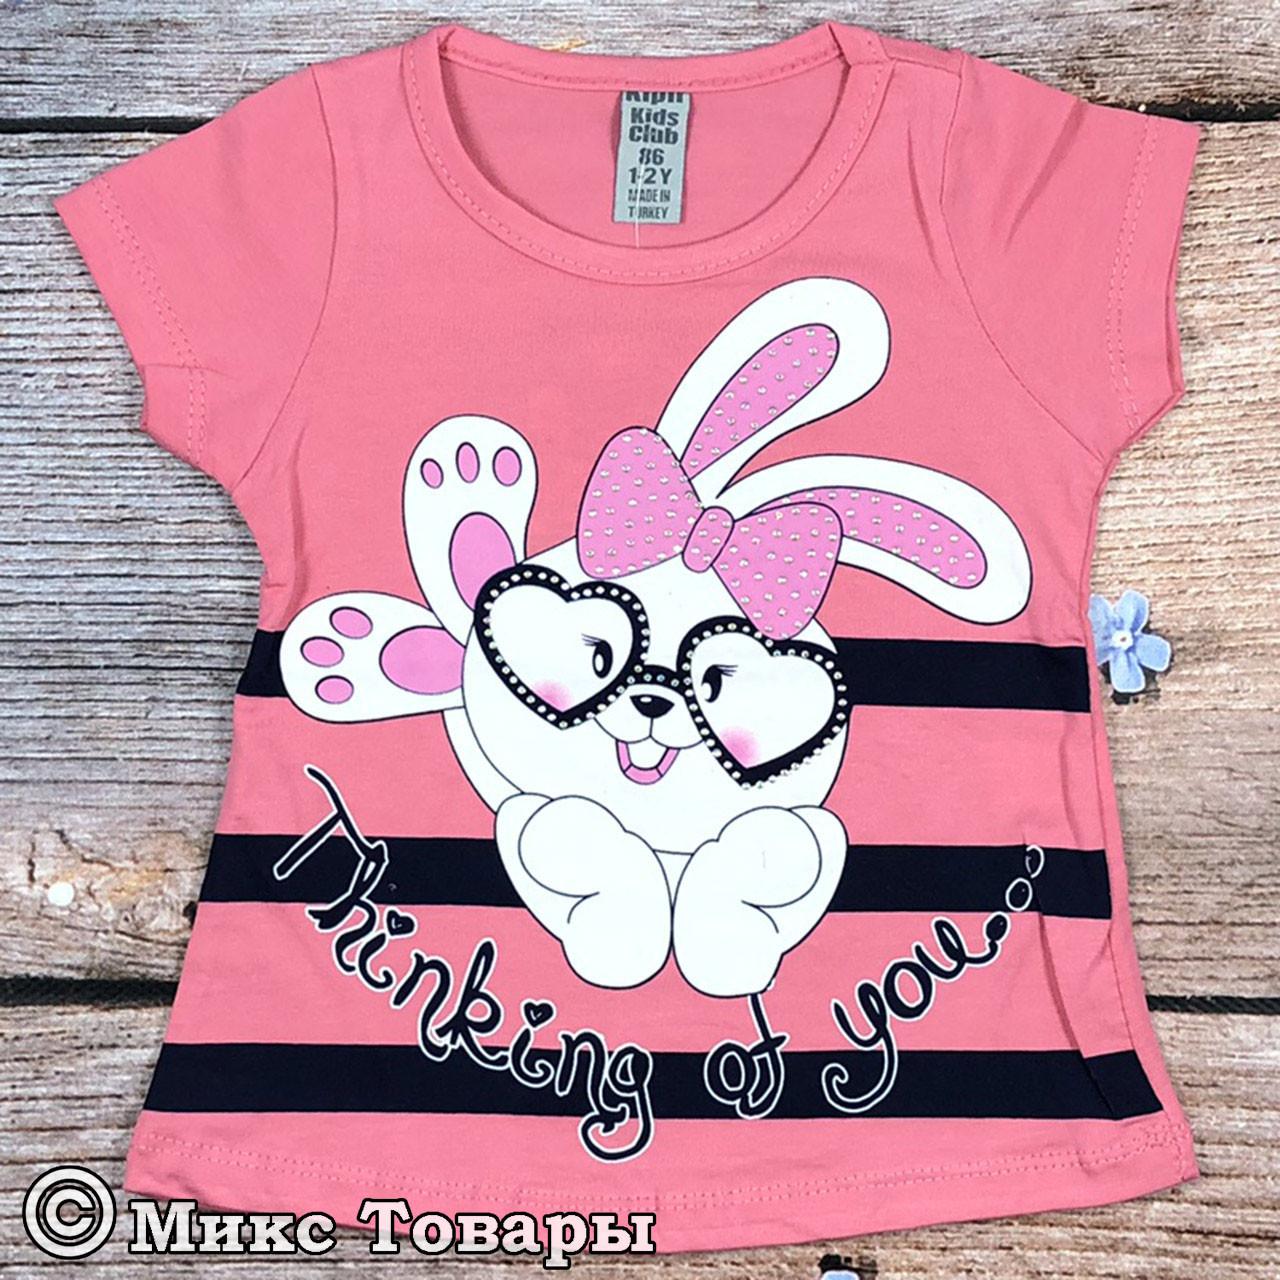 Детская футболка с зайчиком Размеры: 86,92,98,104 см (7690-1)